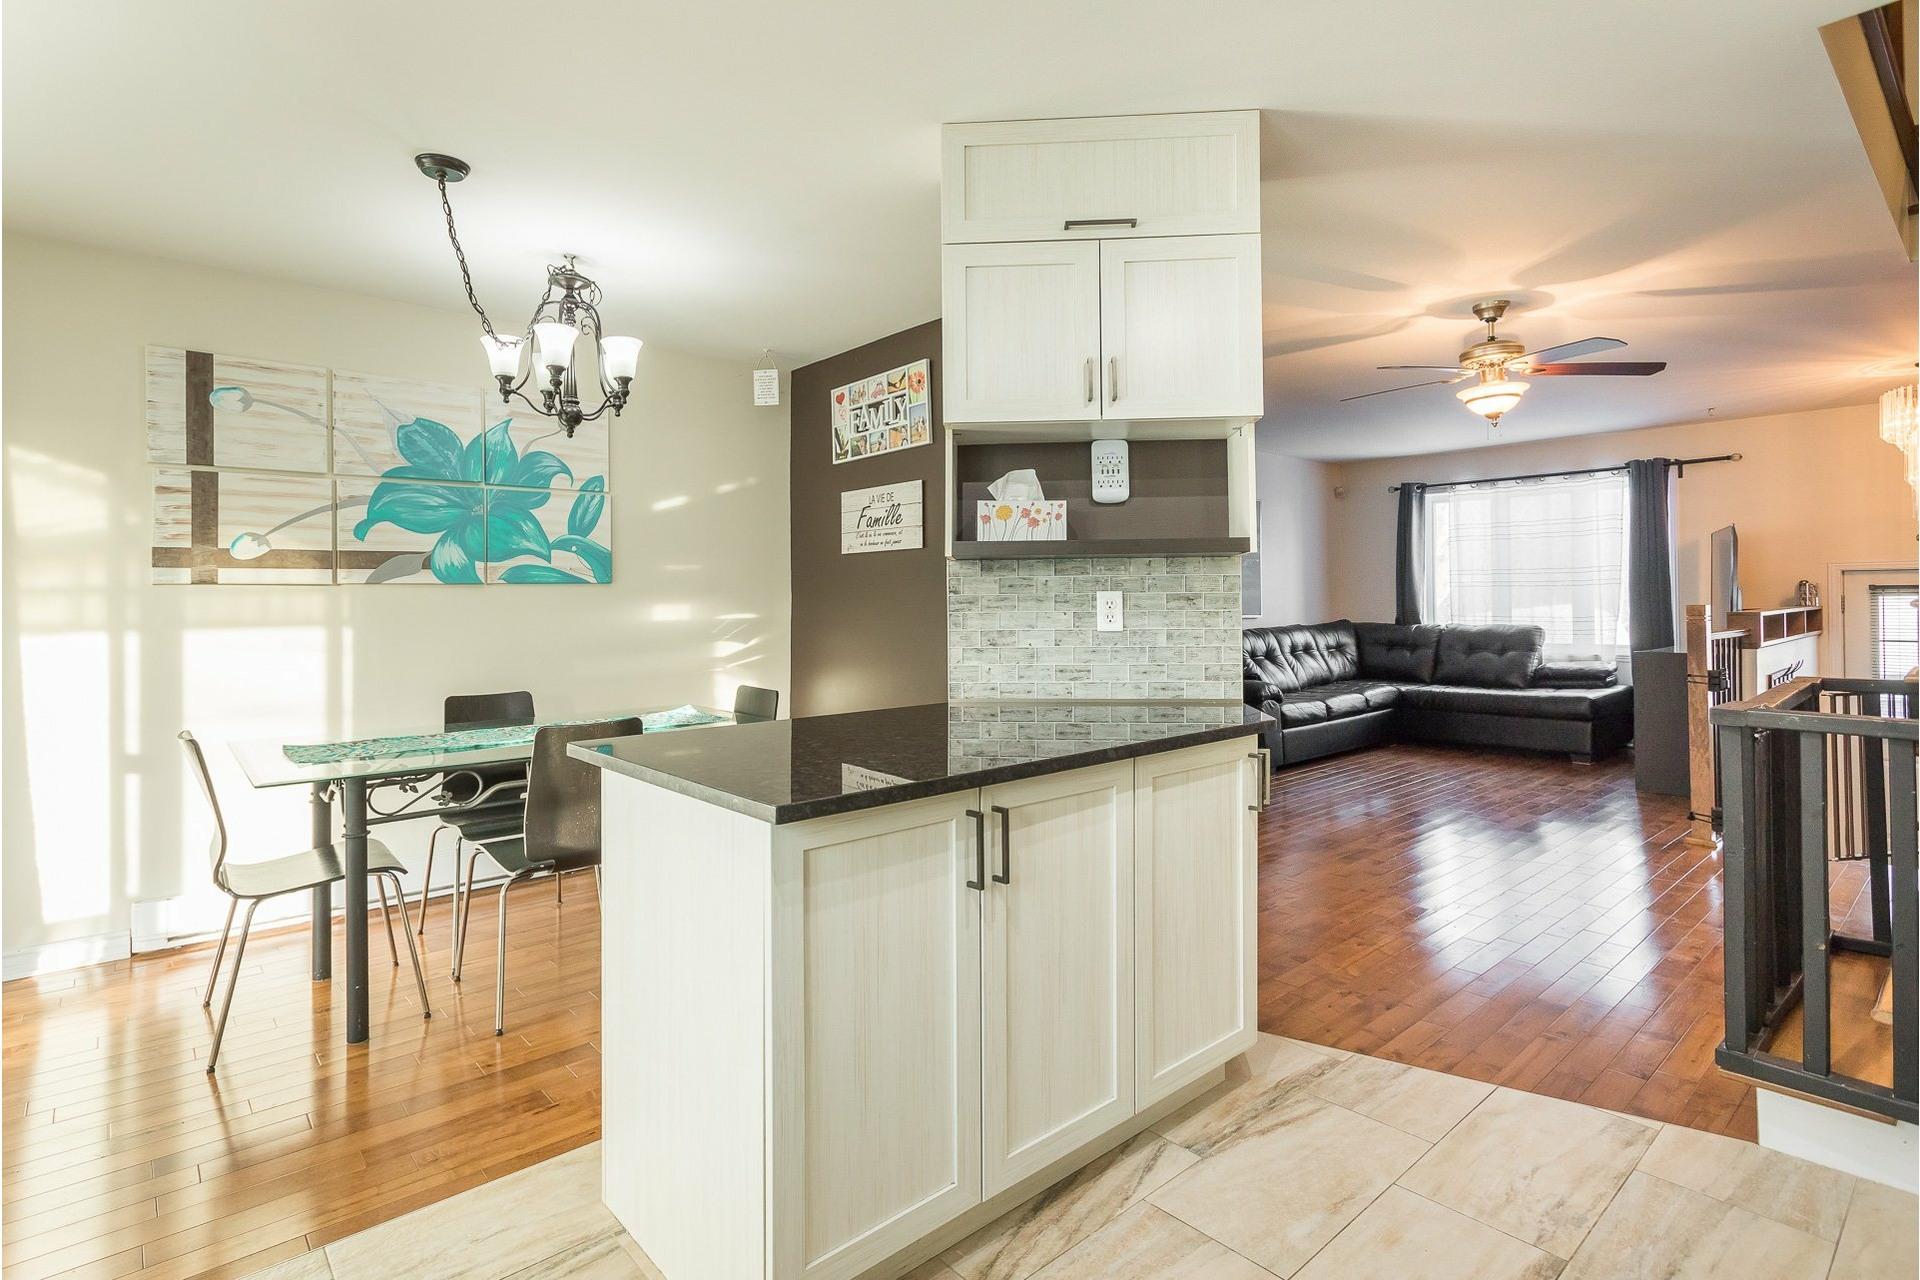 image 14 - House For sale Rivière-des-Prairies/Pointe-aux-Trembles Montréal  - 9 rooms